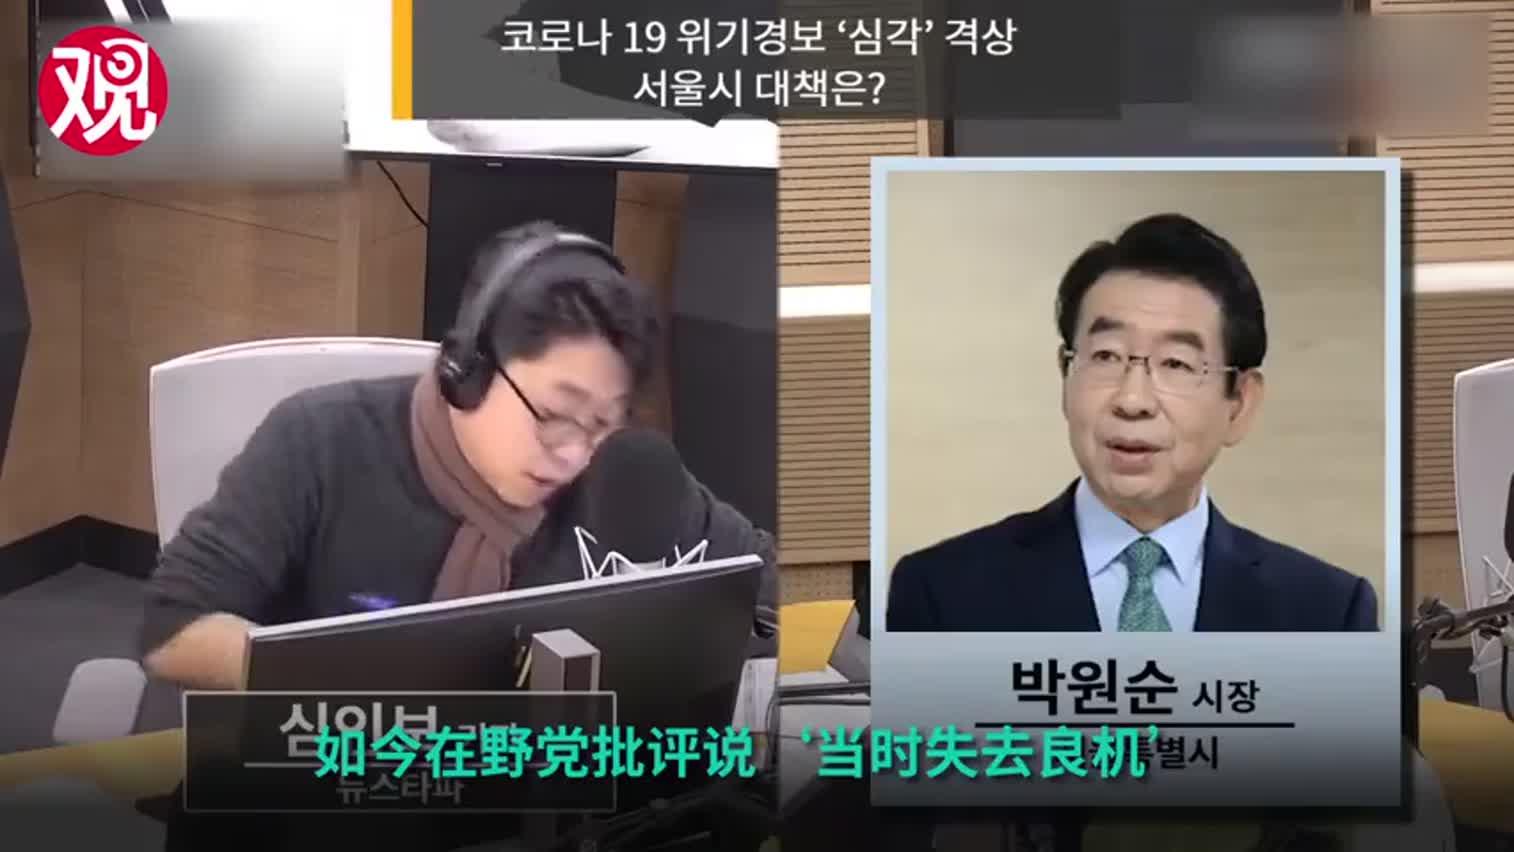 视频-首尔市长: 韩国闹MERS的时候 中国可没